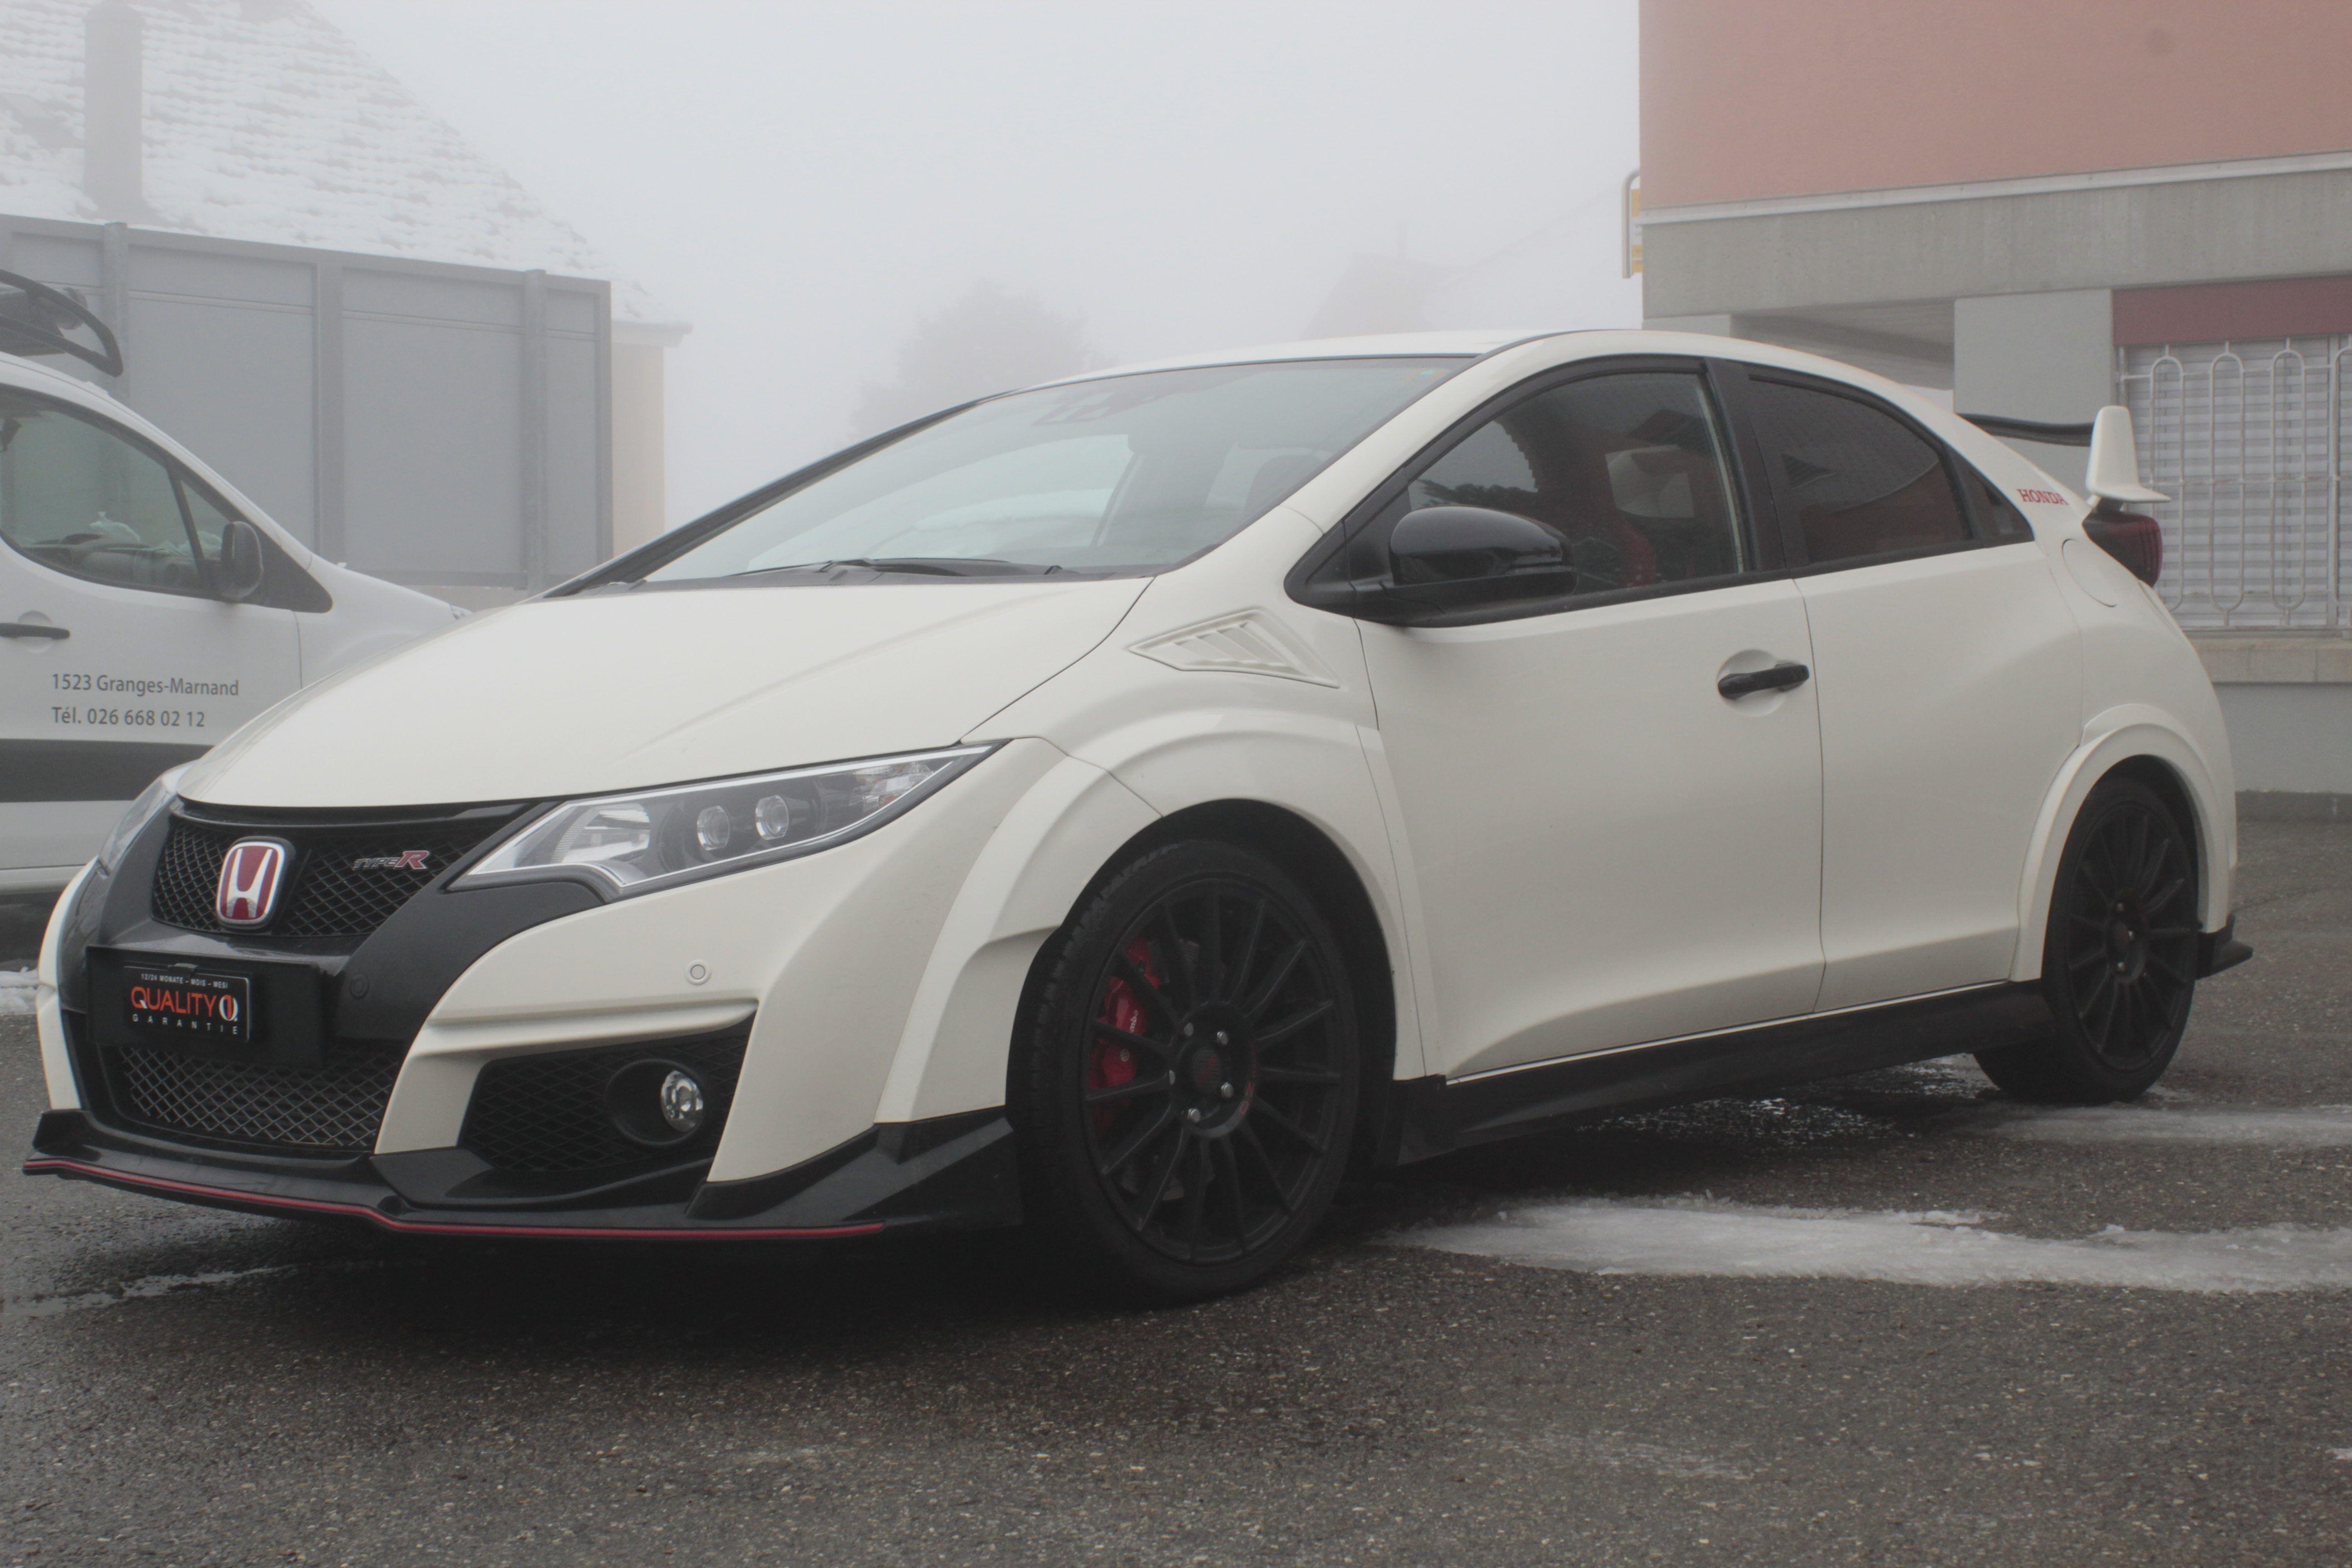 2020 Honda Accord Type R Redesign Concept Interior